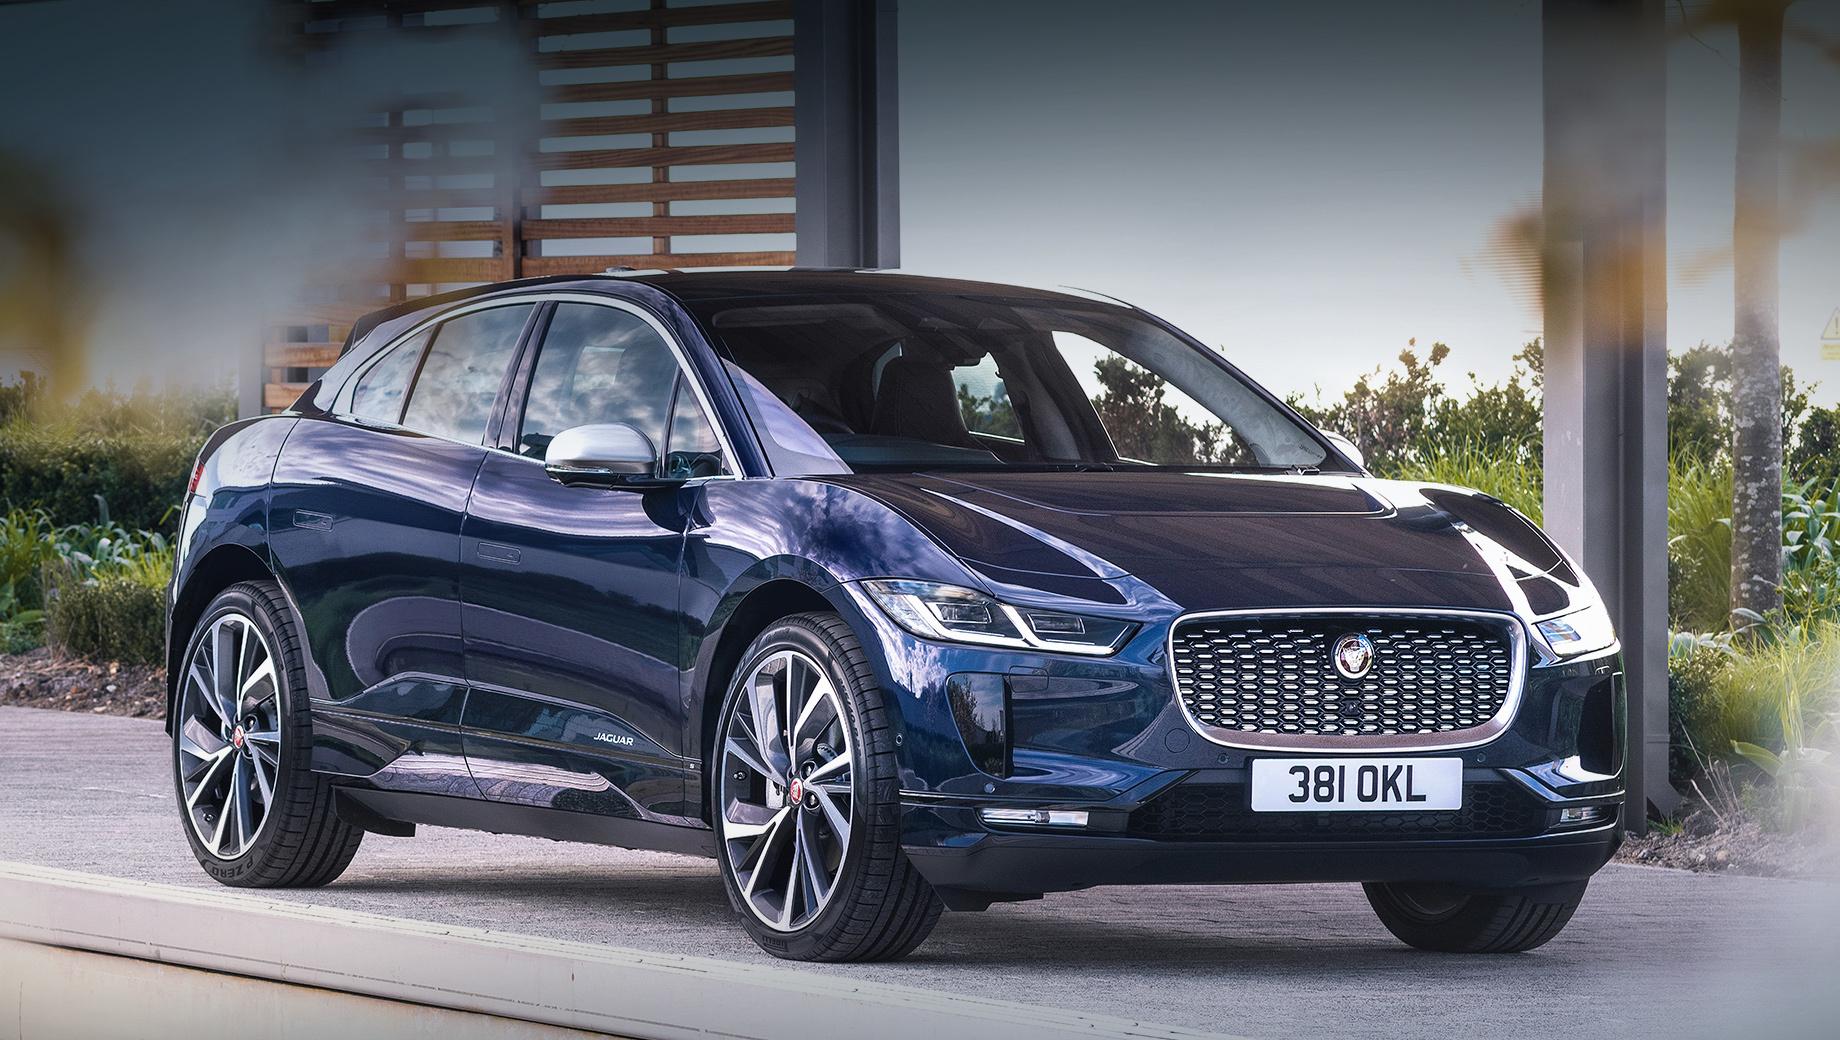 После обновления Jaguar I-Pace прибавил в технологичности